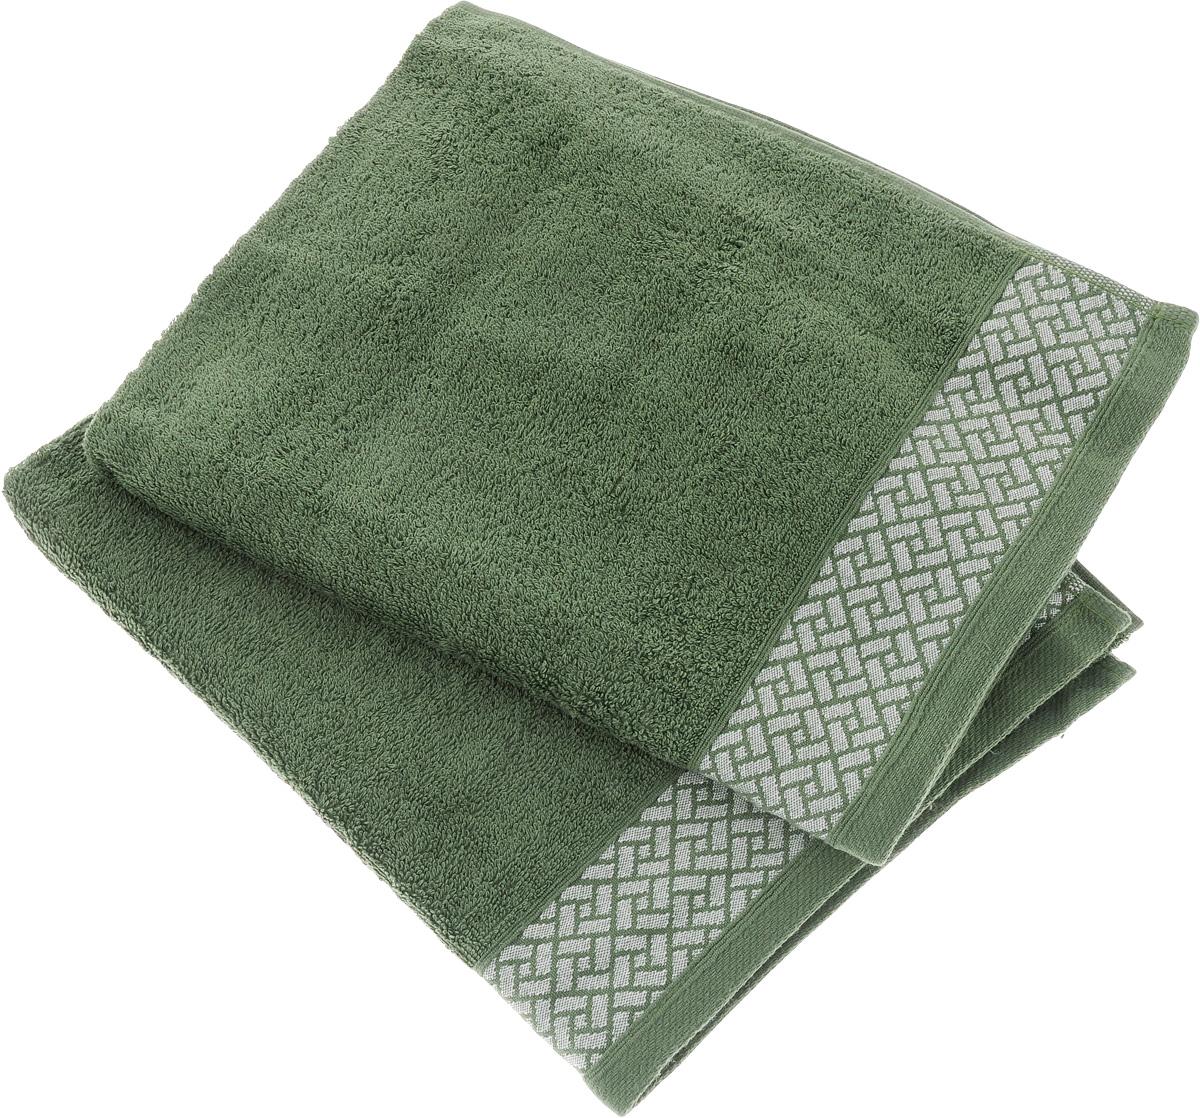 Набор полотенец Tete-a-Tete Лабиринт, цвет: зеленый, 50 х 90 см, 2 шт. УП-009УП-009-01-2Набор Tete-a-Tete Лабиринт состоит из двух махровых полотенец, выполненных из натурального 100% хлопка. Бордюр полотенец декорирован геометрическим узором. Изделия мягкие, отлично впитывают влагу, быстро сохнут, сохраняют яркость цвета и не теряют форму даже после многократных стирок. Полотенца Tete-a-Tete Лабиринт очень практичны и неприхотливы в уходе. Они легко впишутся в любой интерьер благодаря своей нежной цветовой гамме.Размер полотенца: 50 х 90 см.